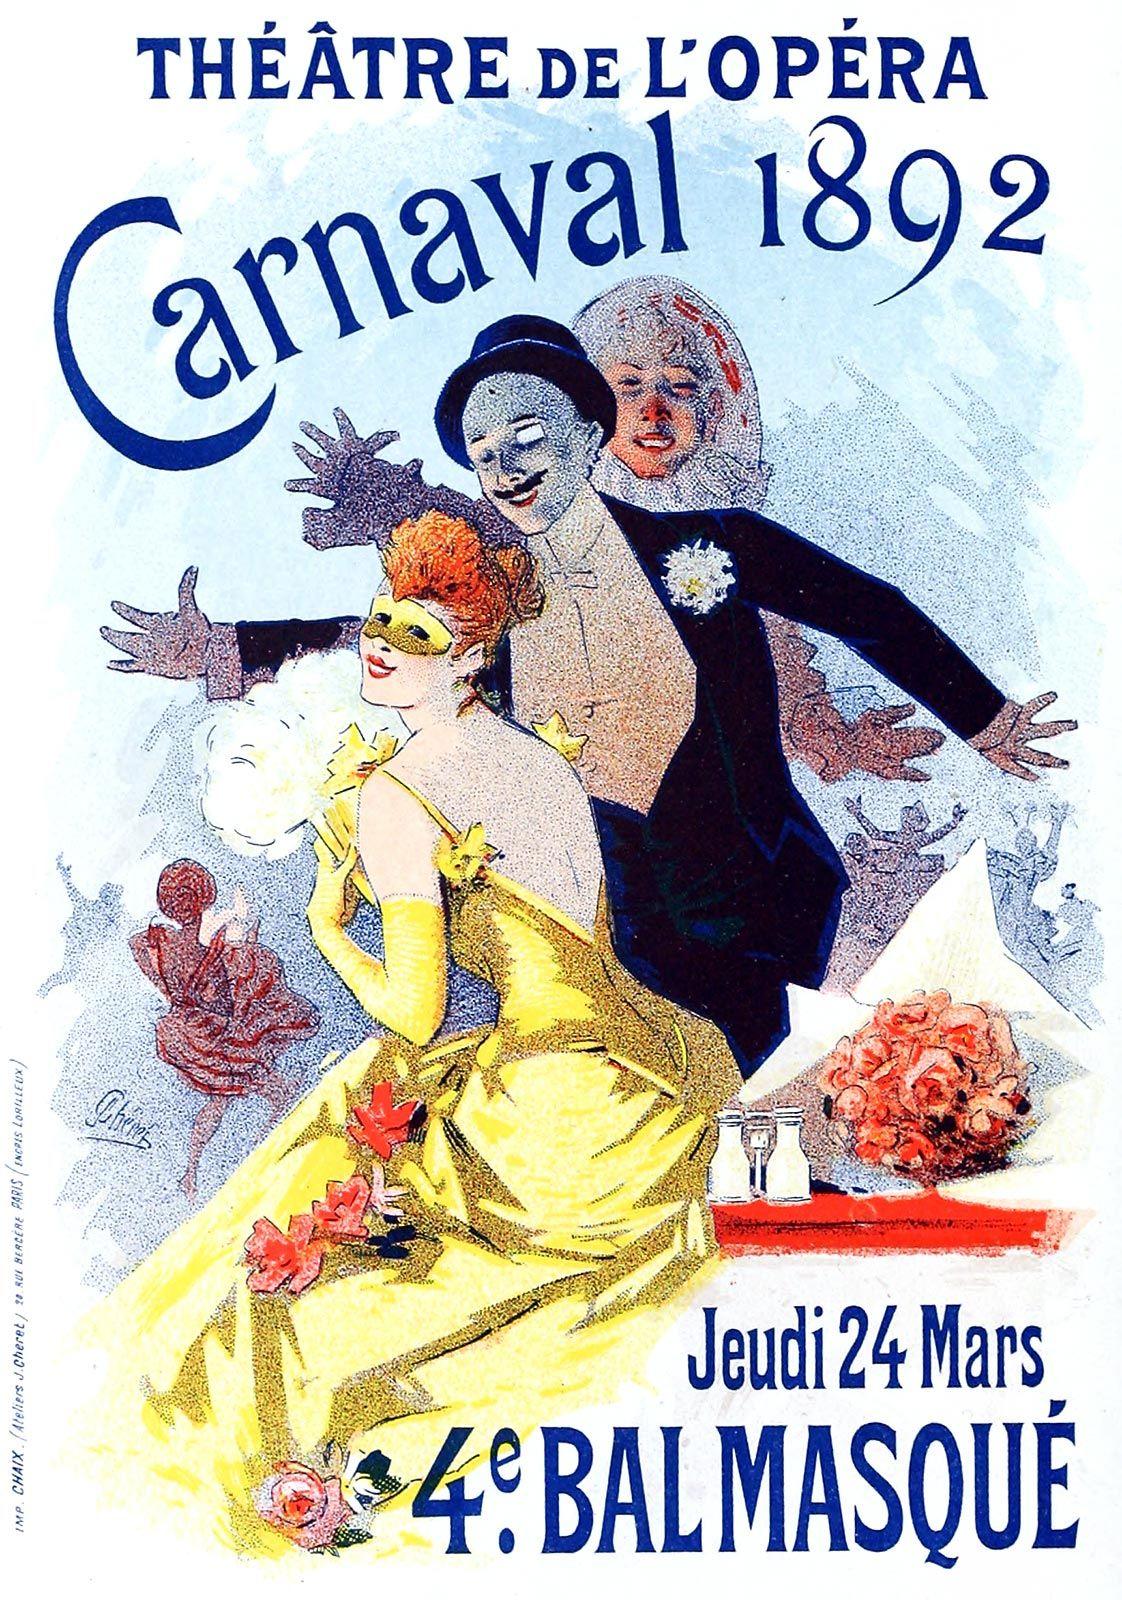 Carnaval 1892, Jules Chéret, from Les affiches illustrées (1886-1895) [Illustrated posters (1886-1895)], by Ernest Maindron, Paris, 1896